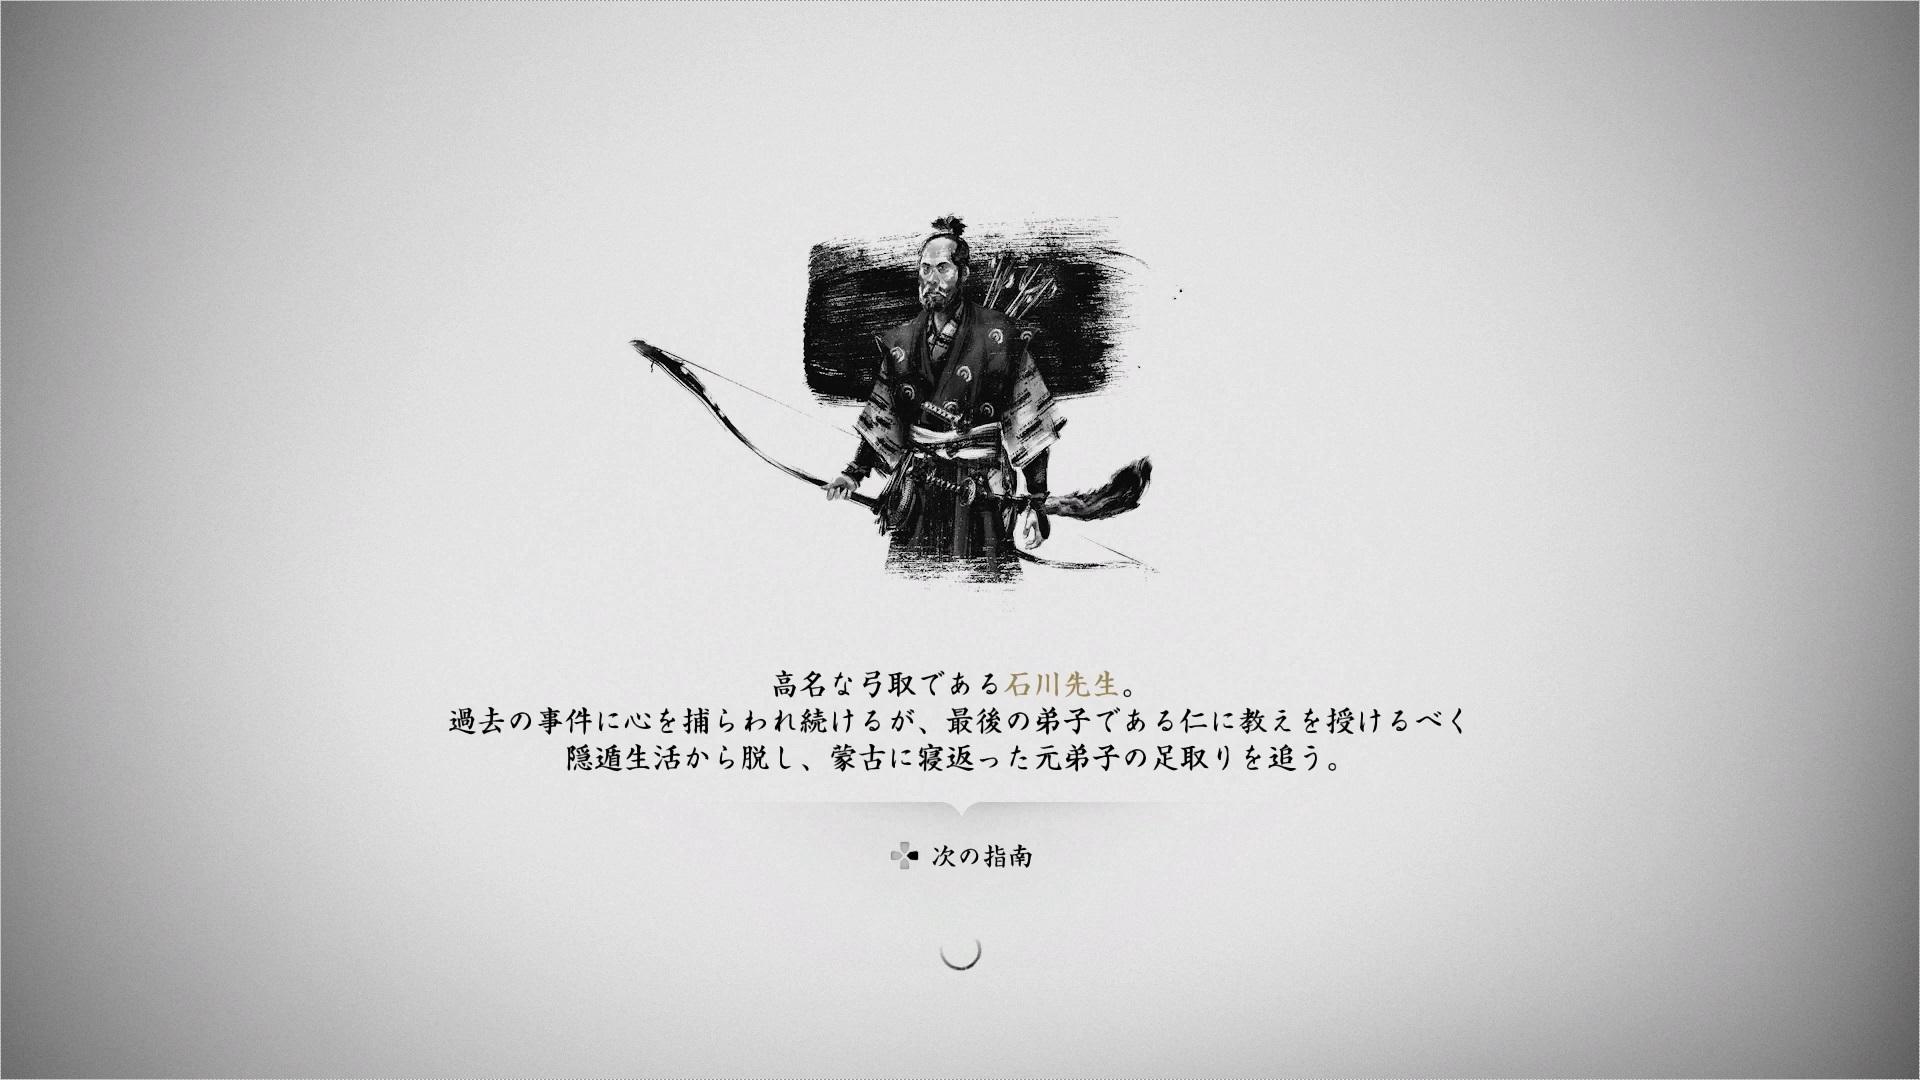 高名な弓取である石川先生。過去の事件に心を捕らわれ続けるが、最後の弟子である仁に教えを授けるべく隠遁生活から脱し、蒙古に寝返った元弟子の足取りを追う。